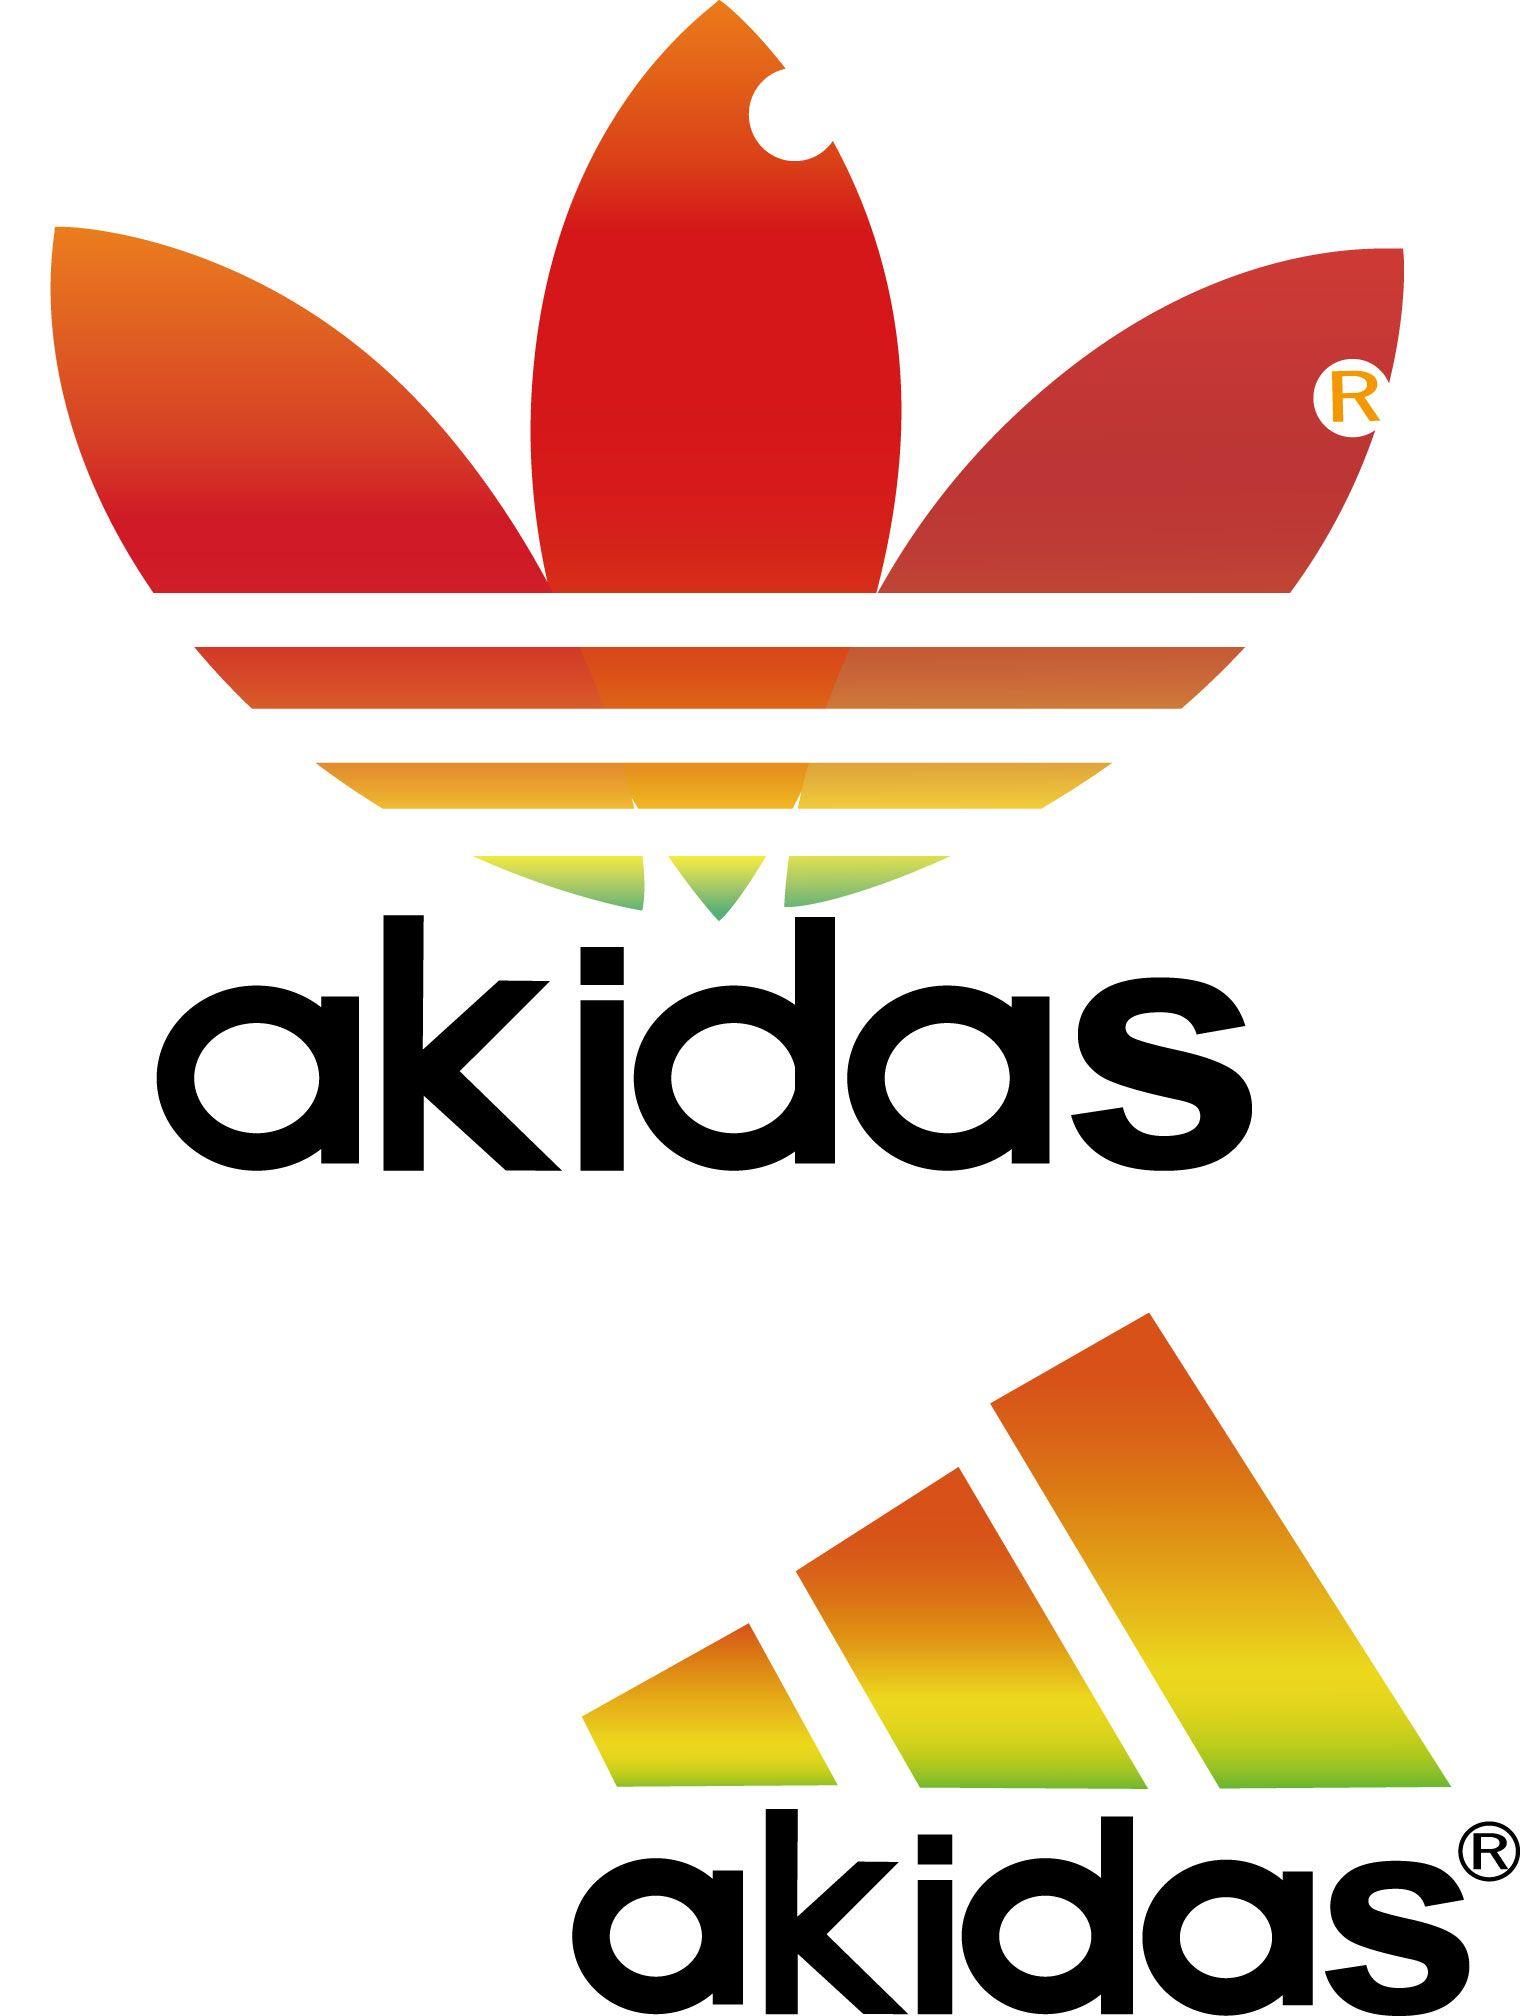 お母さん ベッドを作る 侵略 Adidas ロゴ パロディ Pydinfo Com